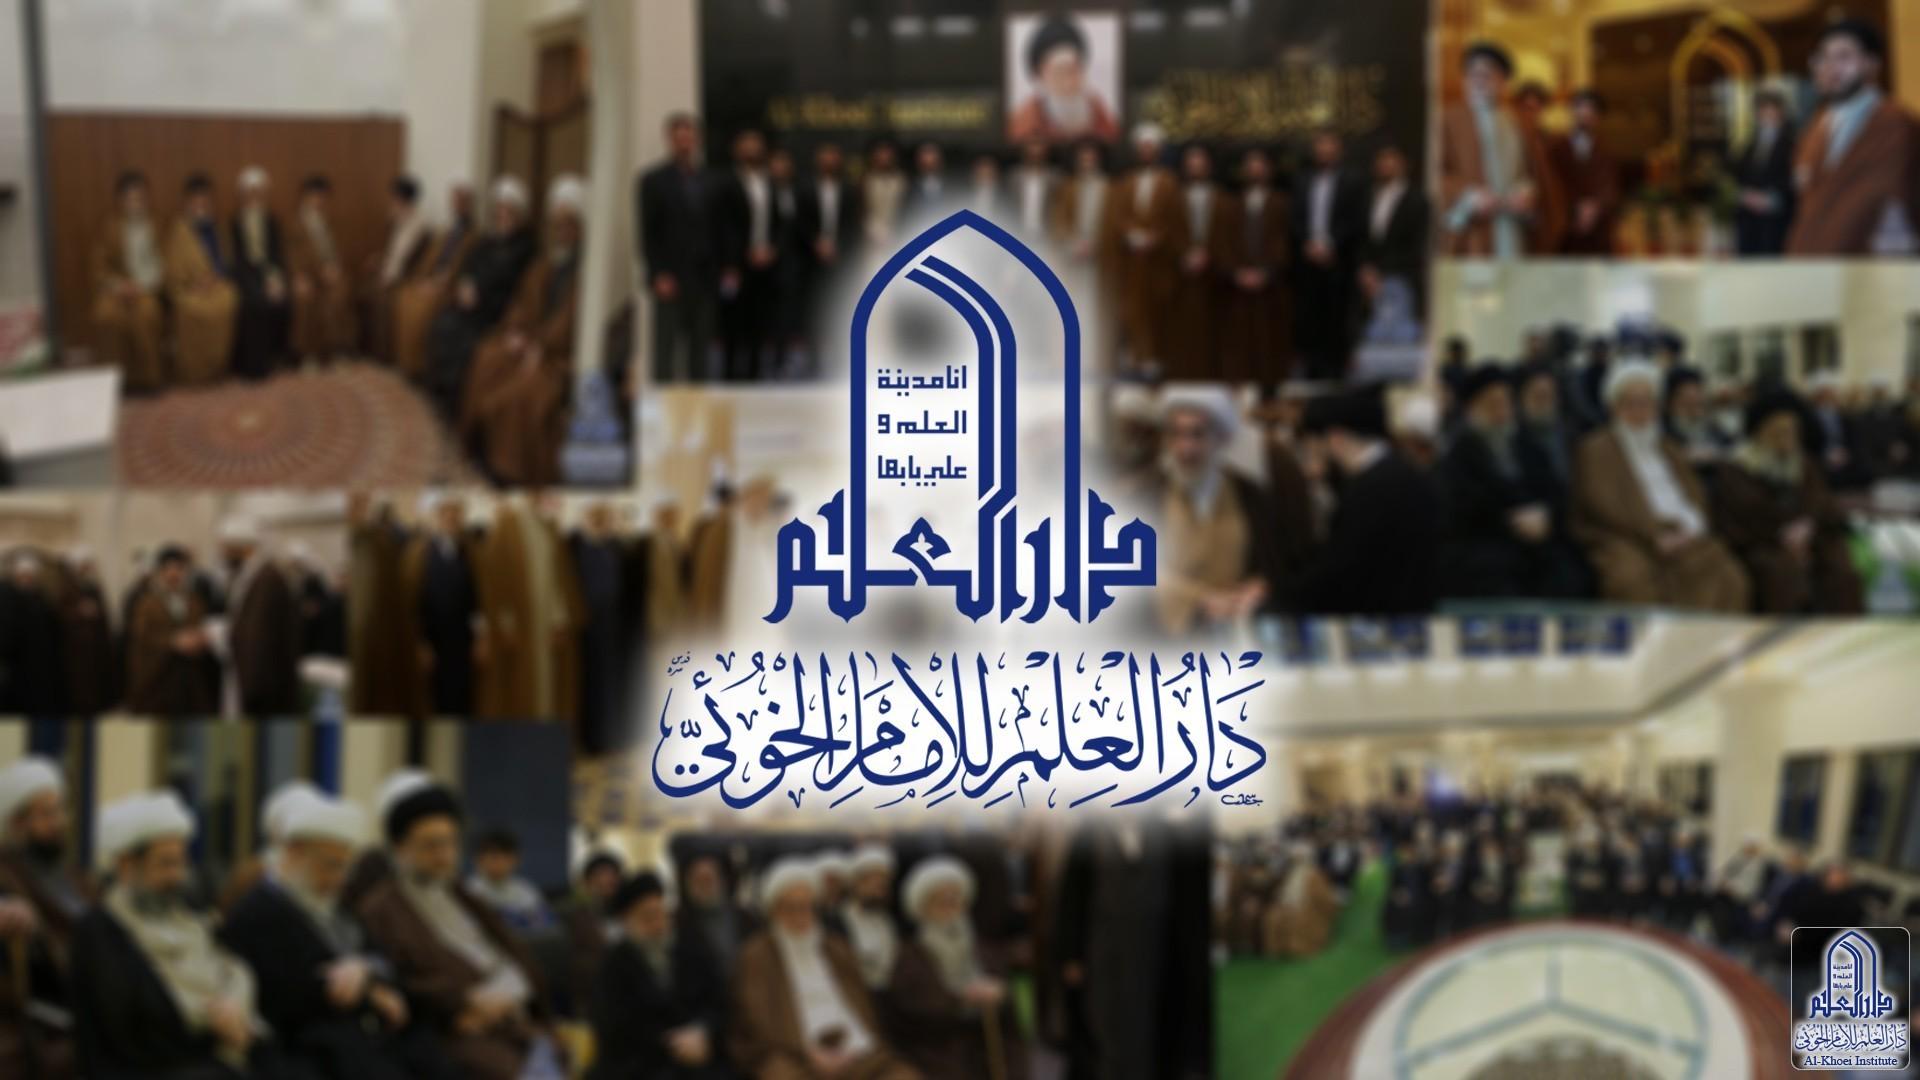 صفحه افتتاح مدرسه دارالعلم آيت الله العظمى خوئي